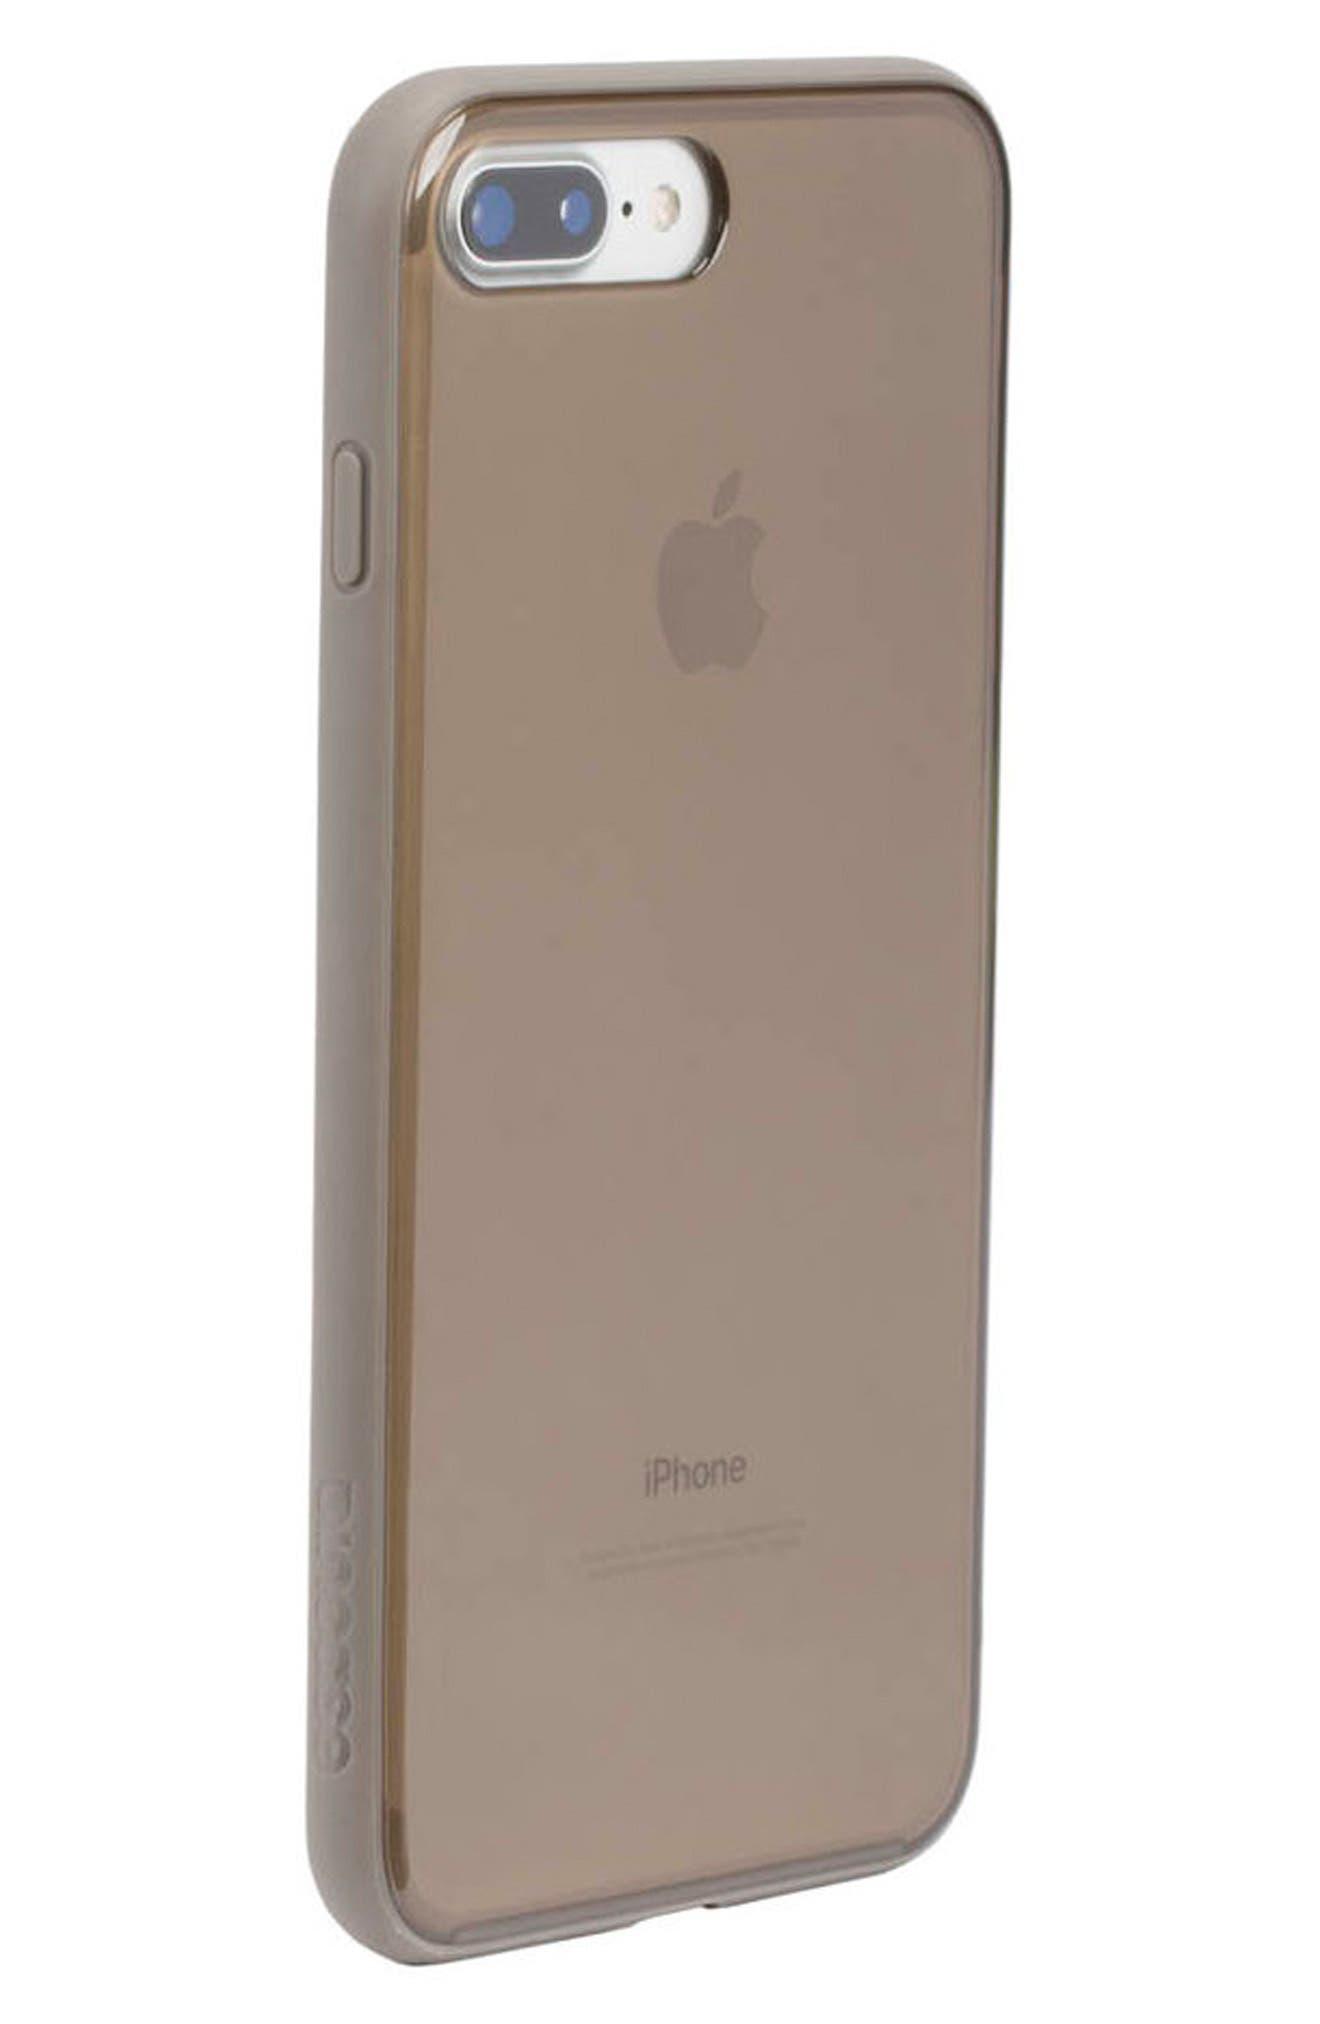 Pop Case Tint iPhone 7 Plus/8 Plus Case,                             Alternate thumbnail 8, color,                             DEEP TAUPE